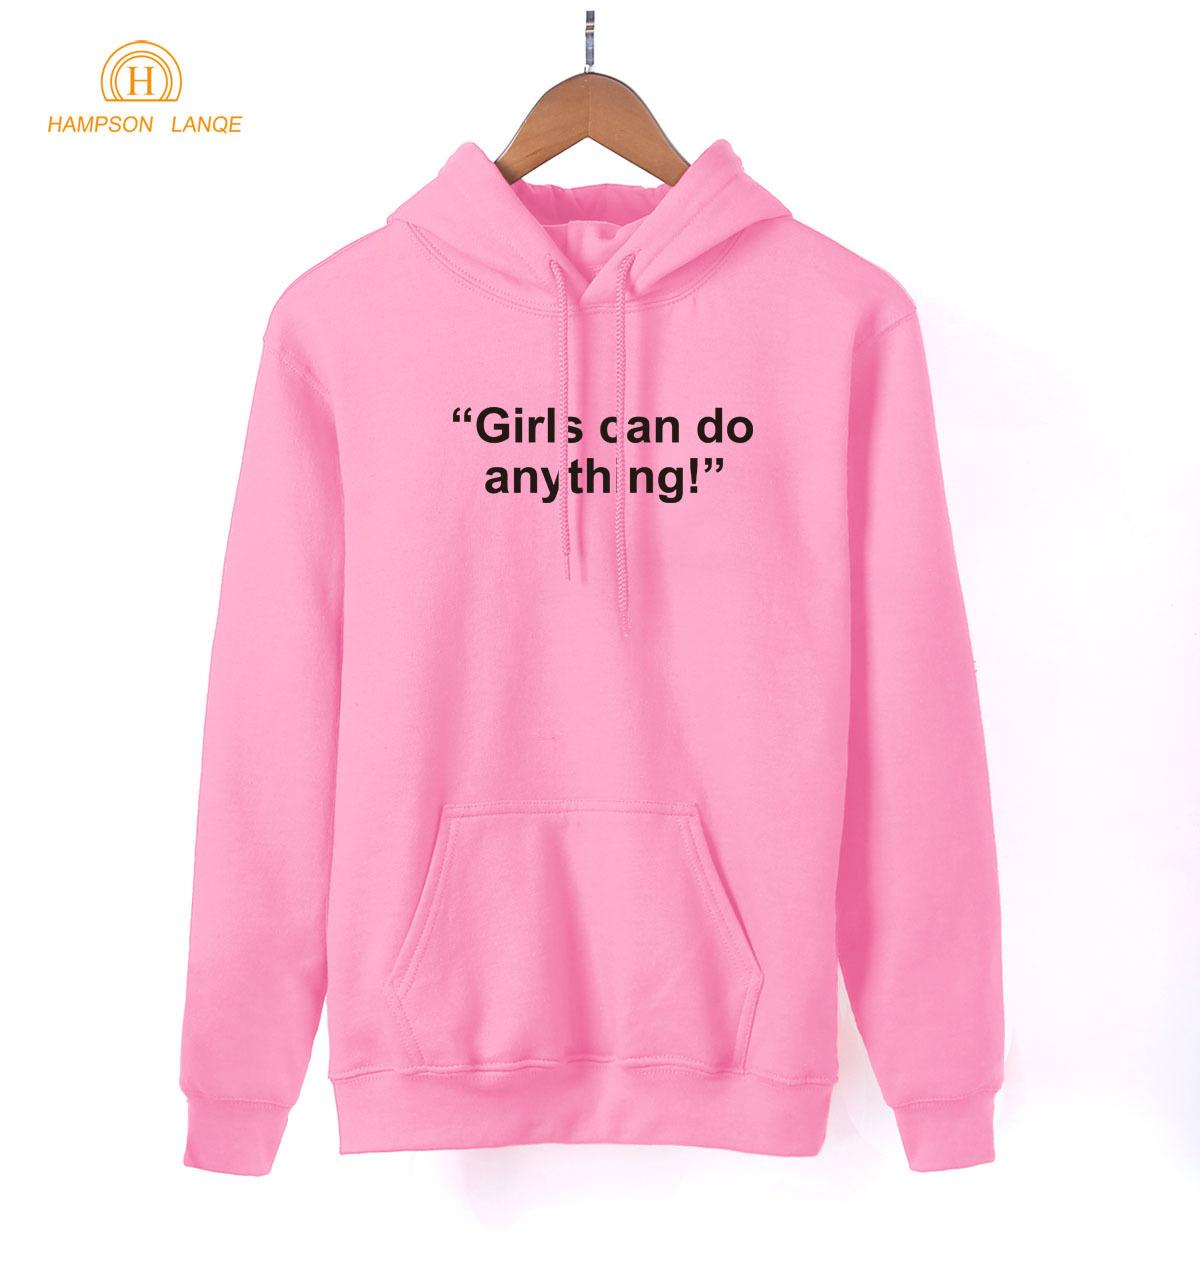 Girls Can Do Anything Girl Power Hoodies Women 2019 Spring Autumn Kawaii Pink Sweatshirt Womens K-pop Fleece Pullovers S-XXL